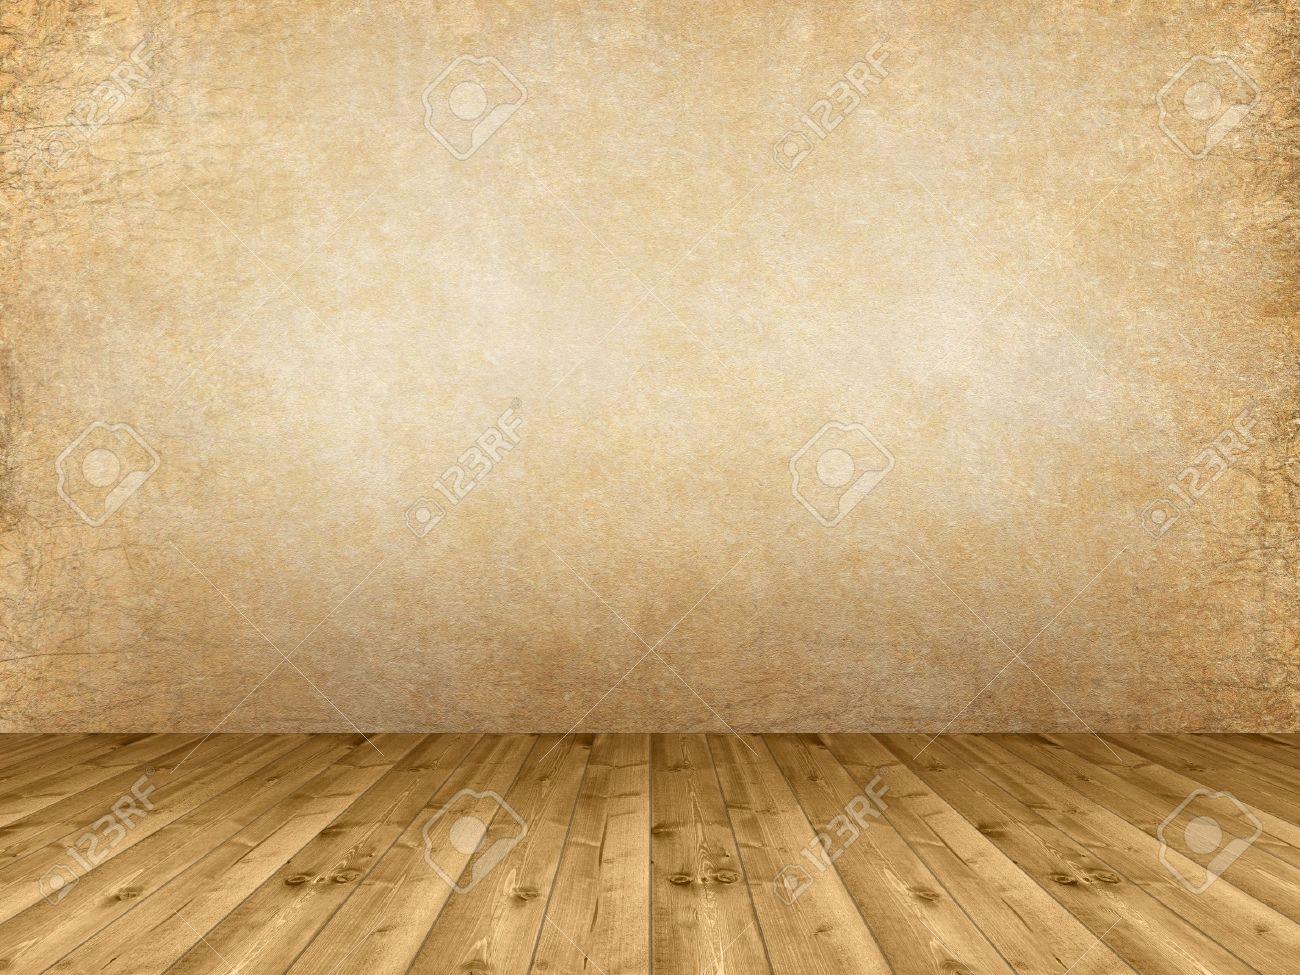 Wood Floor Background WB Designs - Wood Floor Background WB Designs